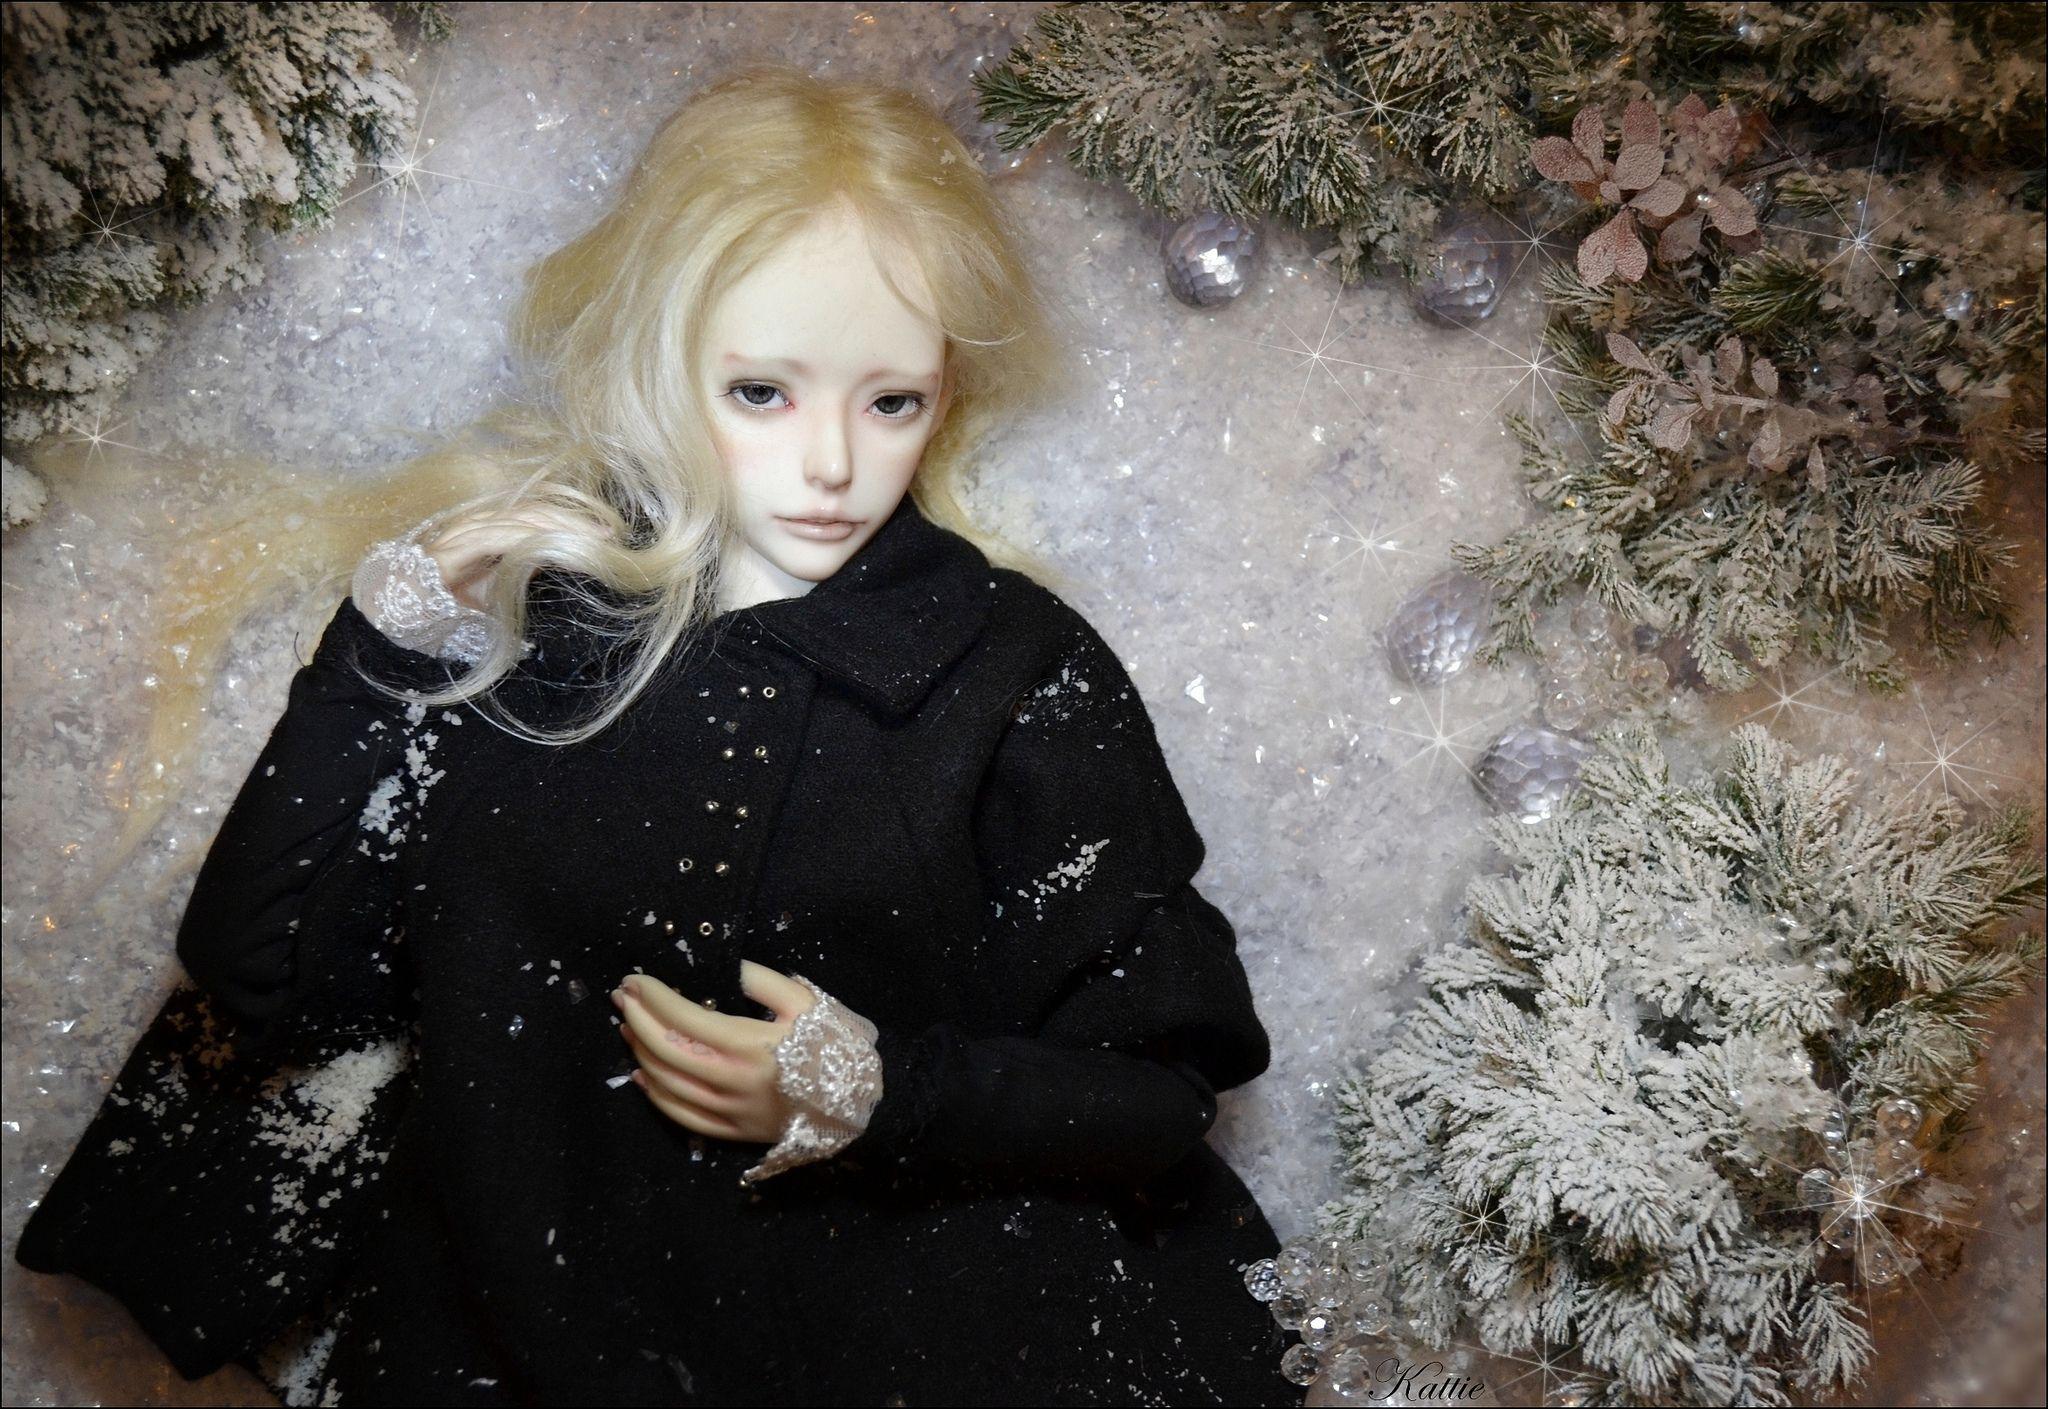 Gray, 60cm Doll Zone Boy - BJD Dolls, Accessories - Alice